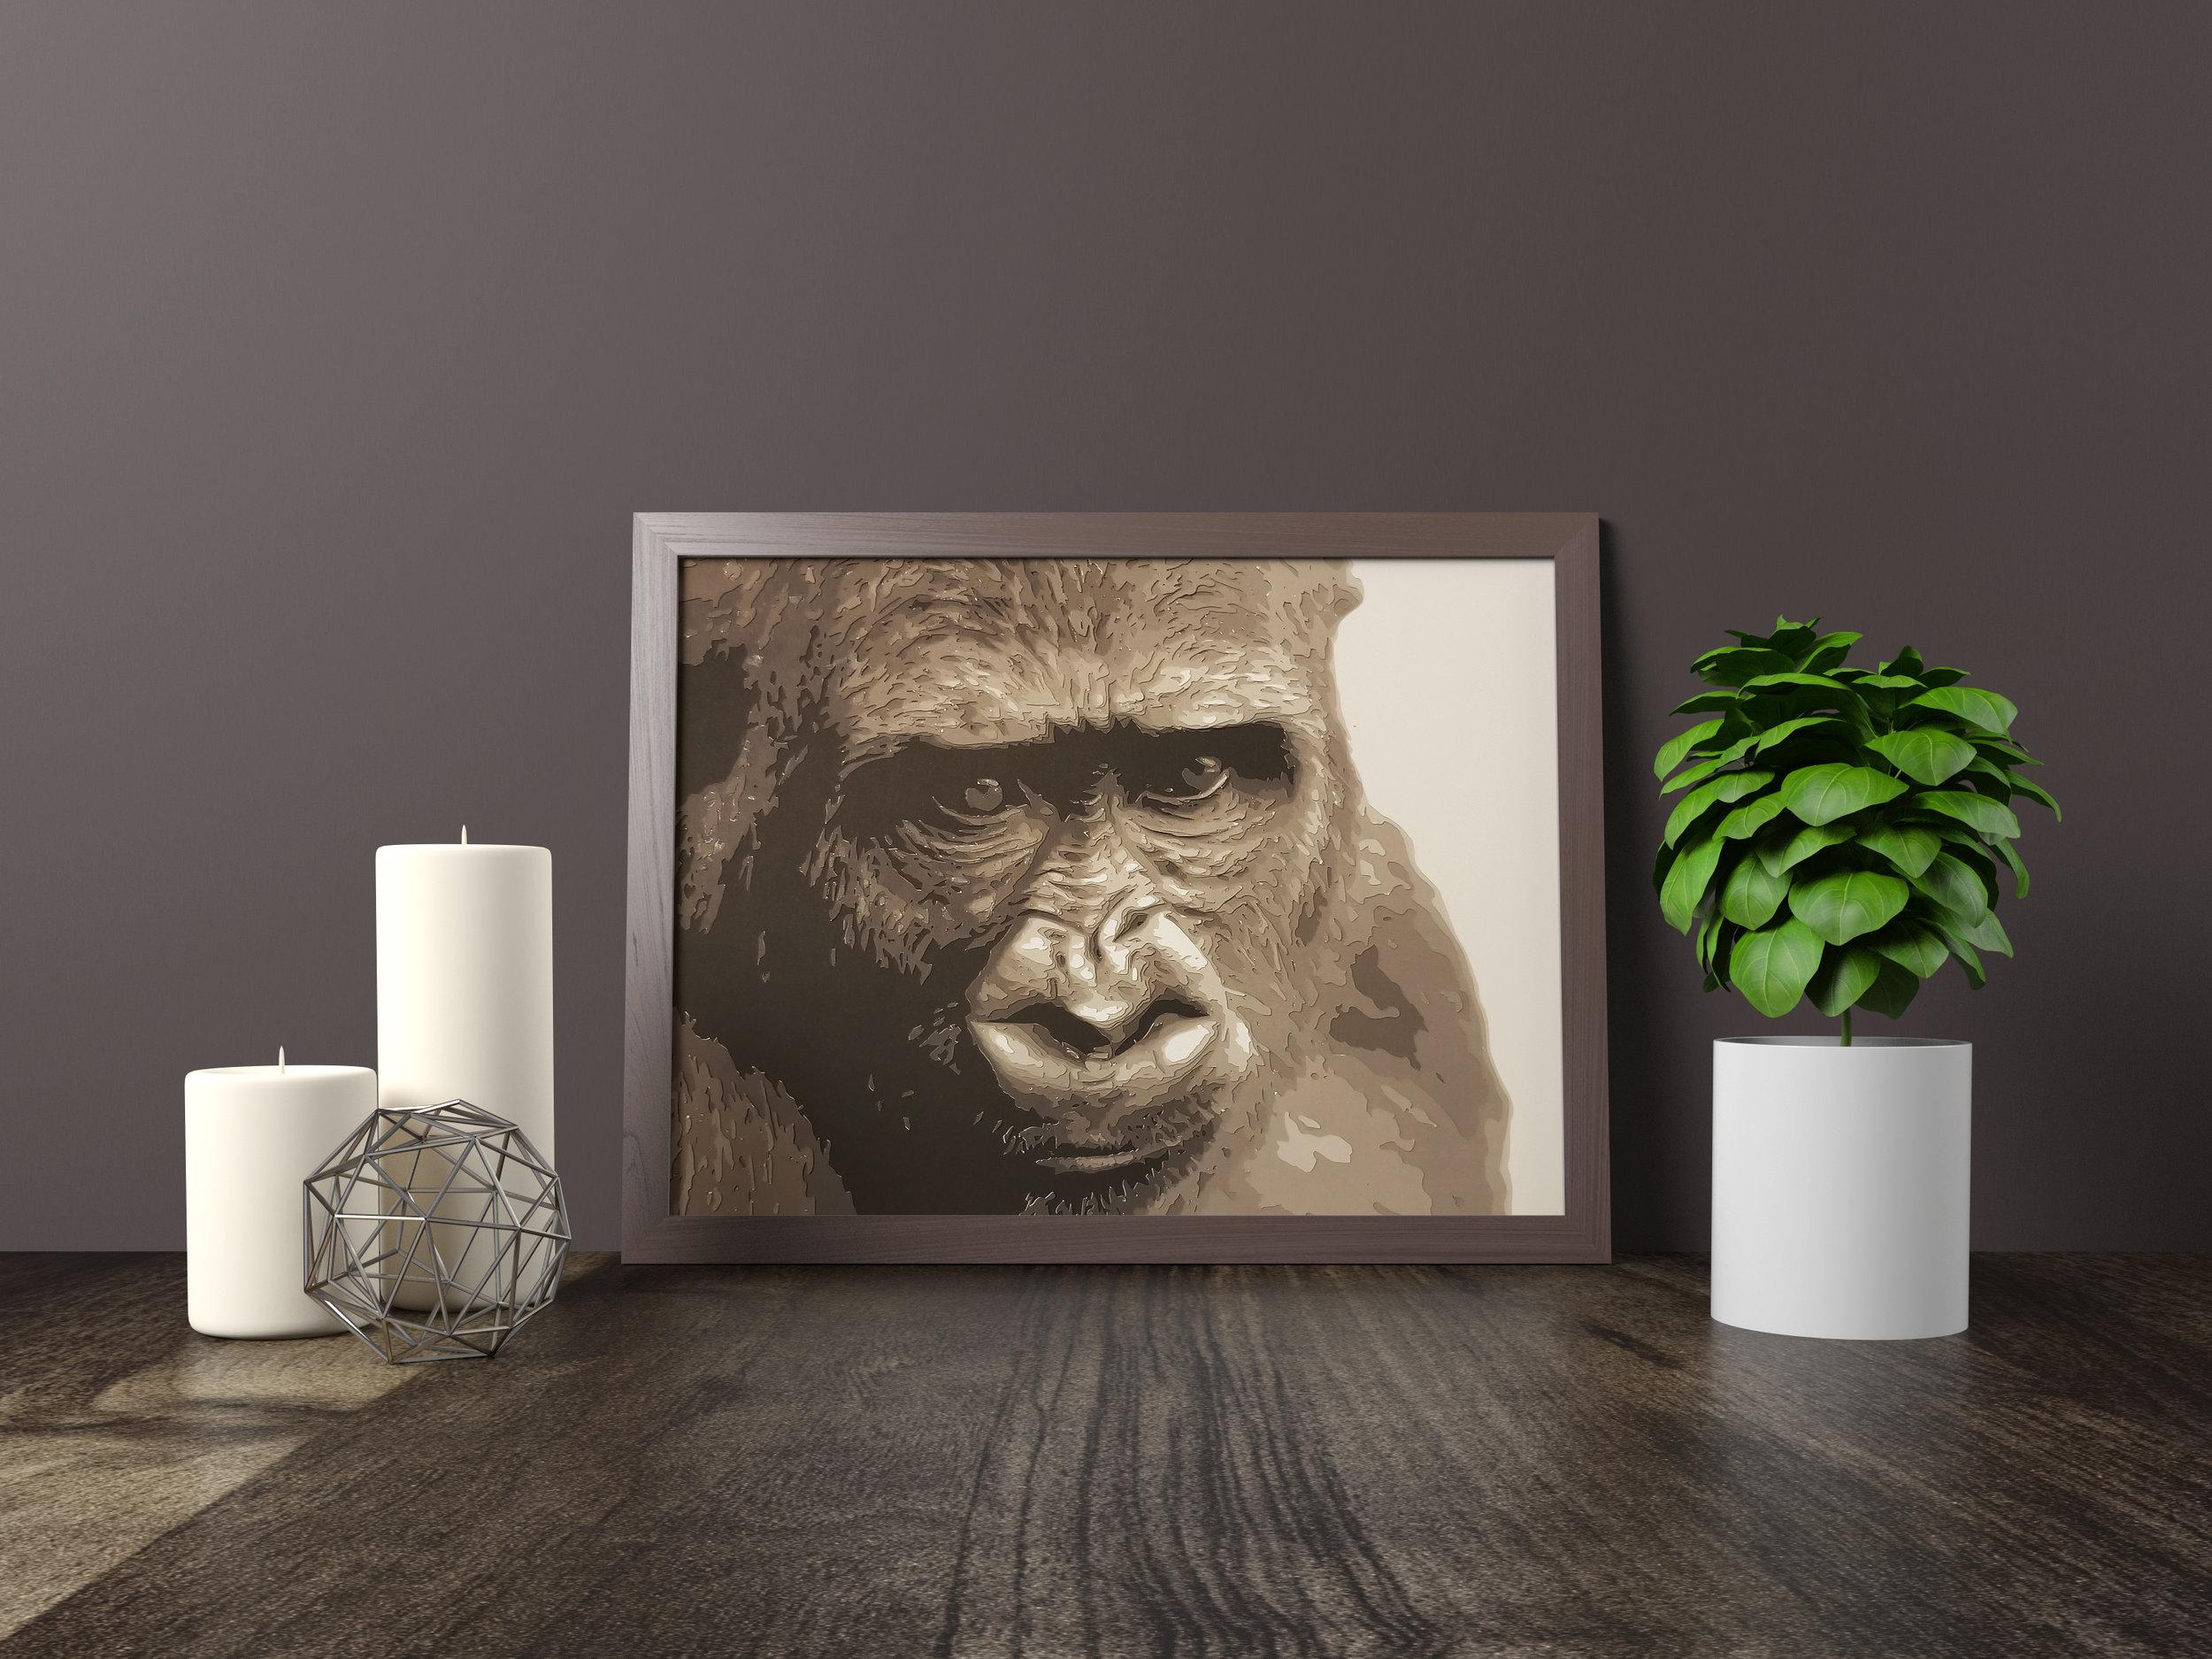 Gorilla - Original *SOLD*11